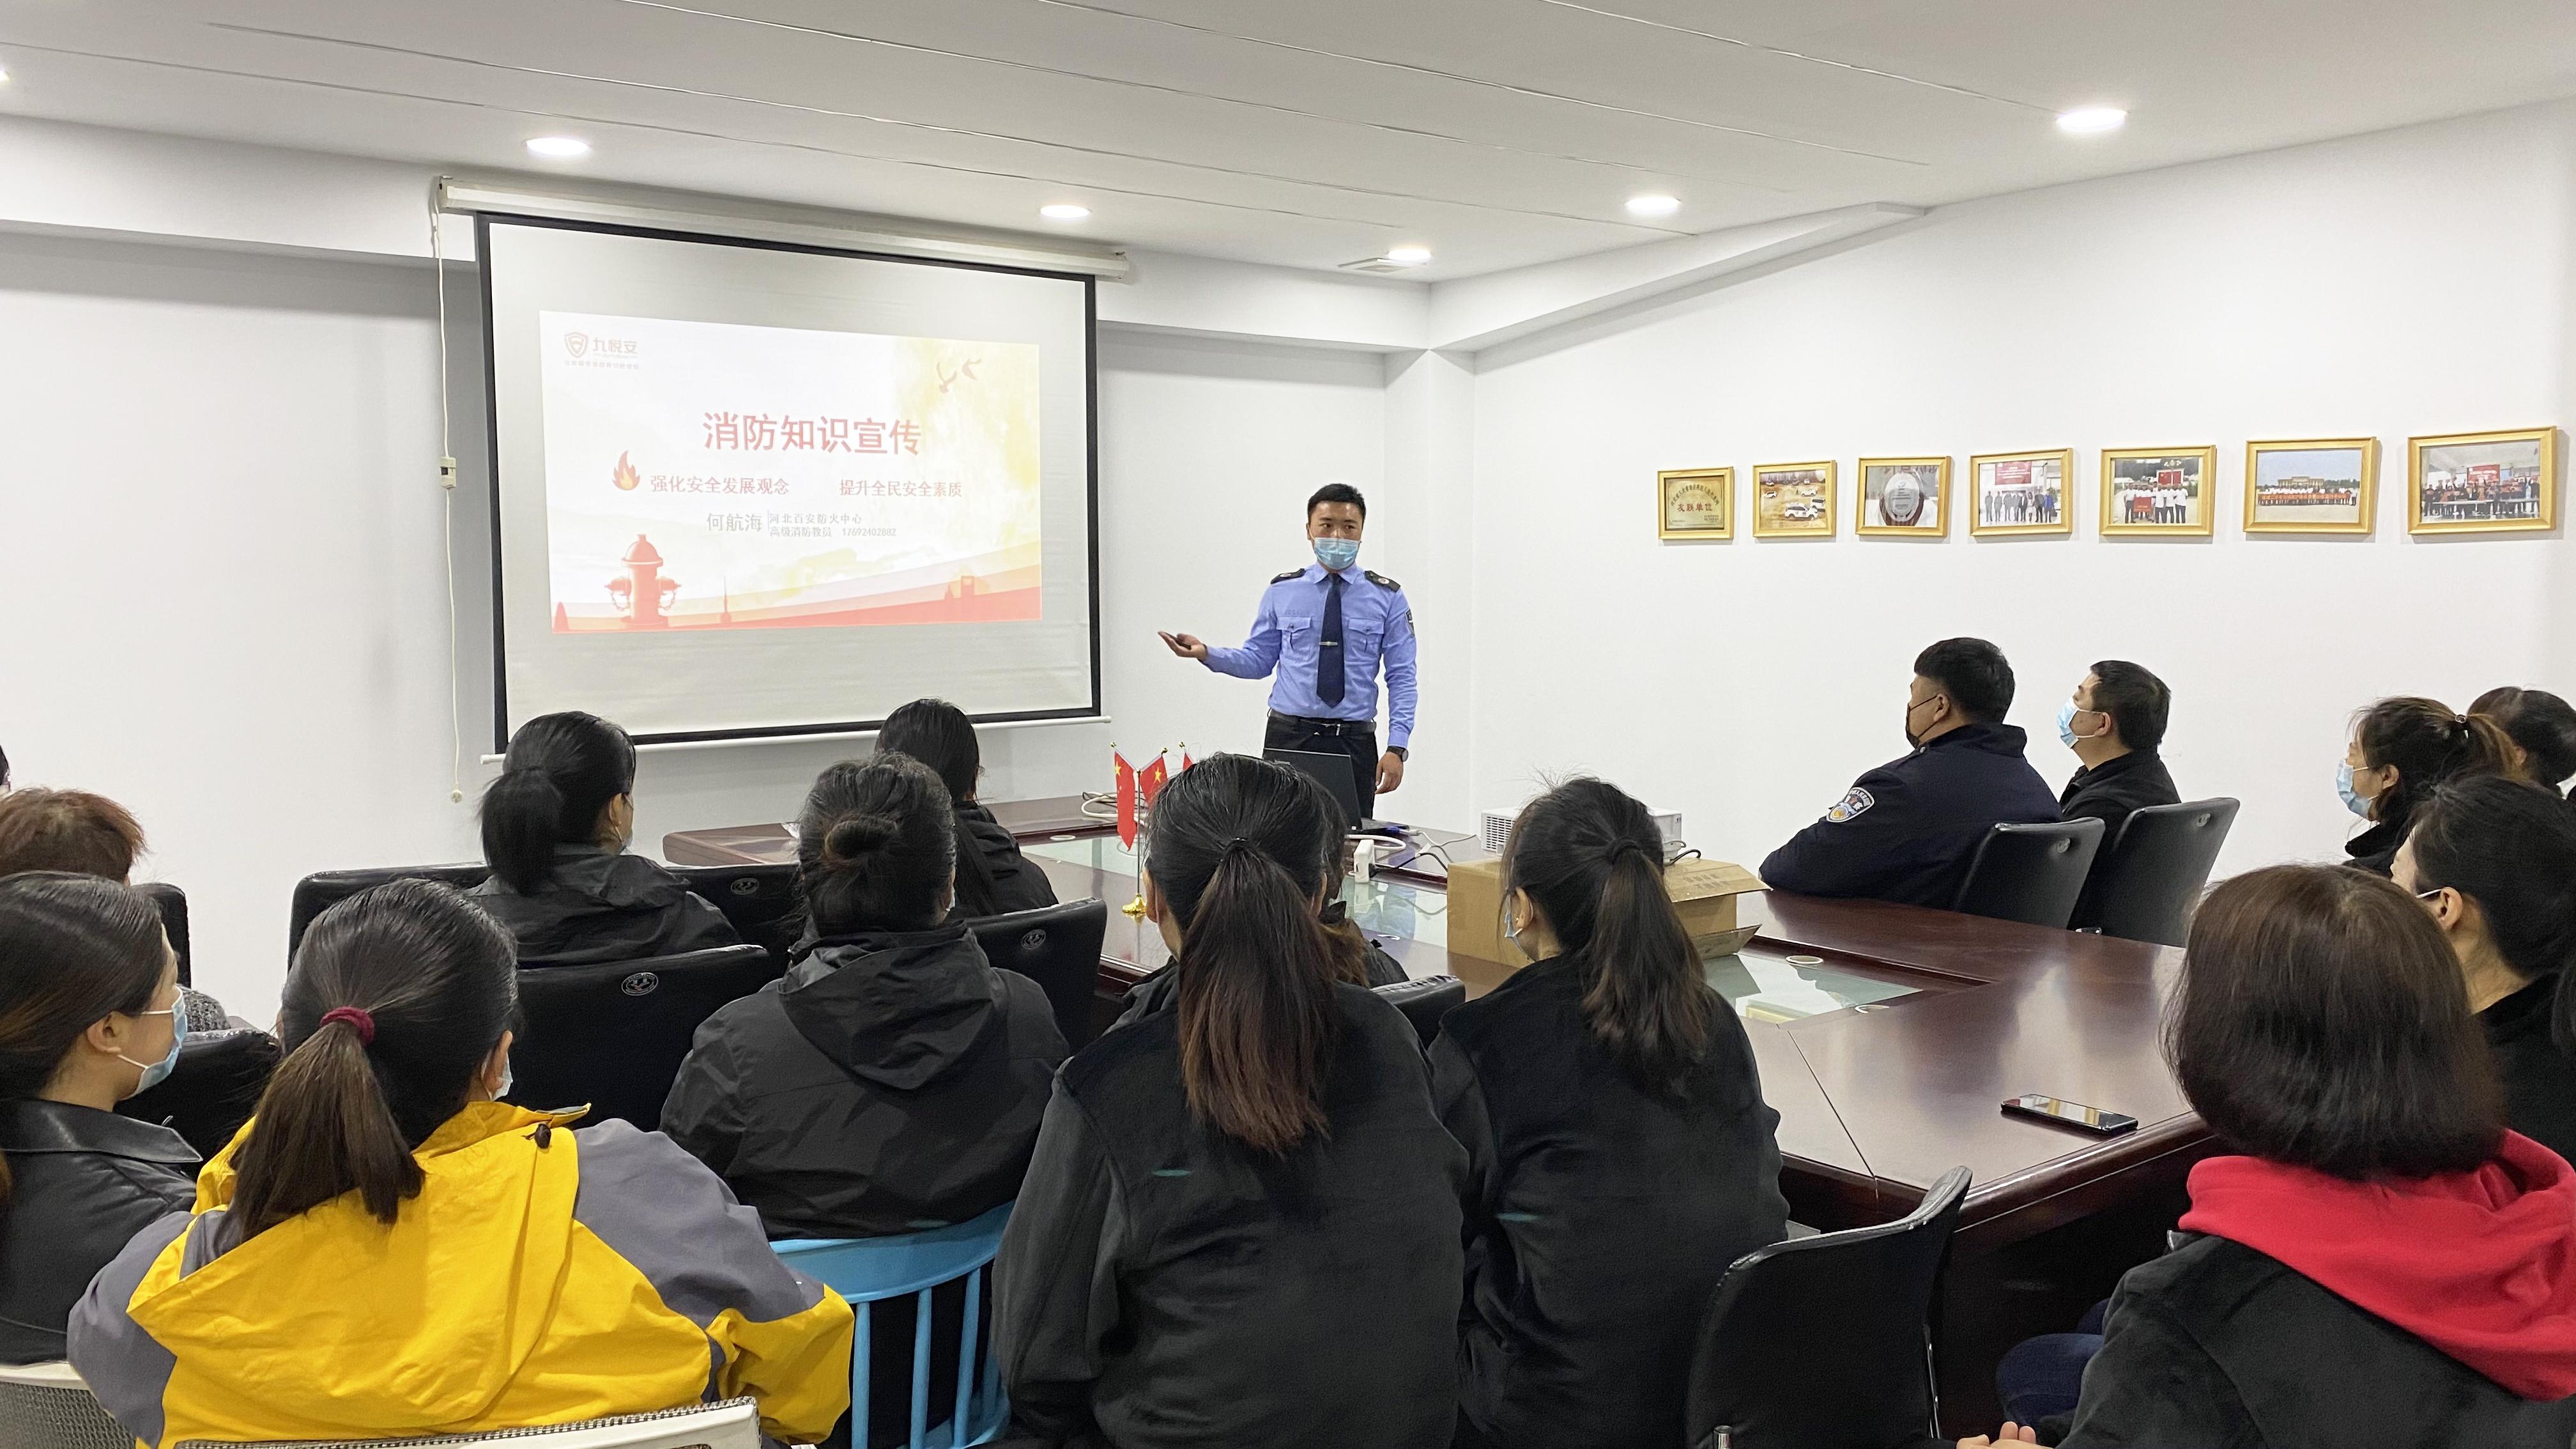 瑞诚二手车市场组织开展消防安全培训